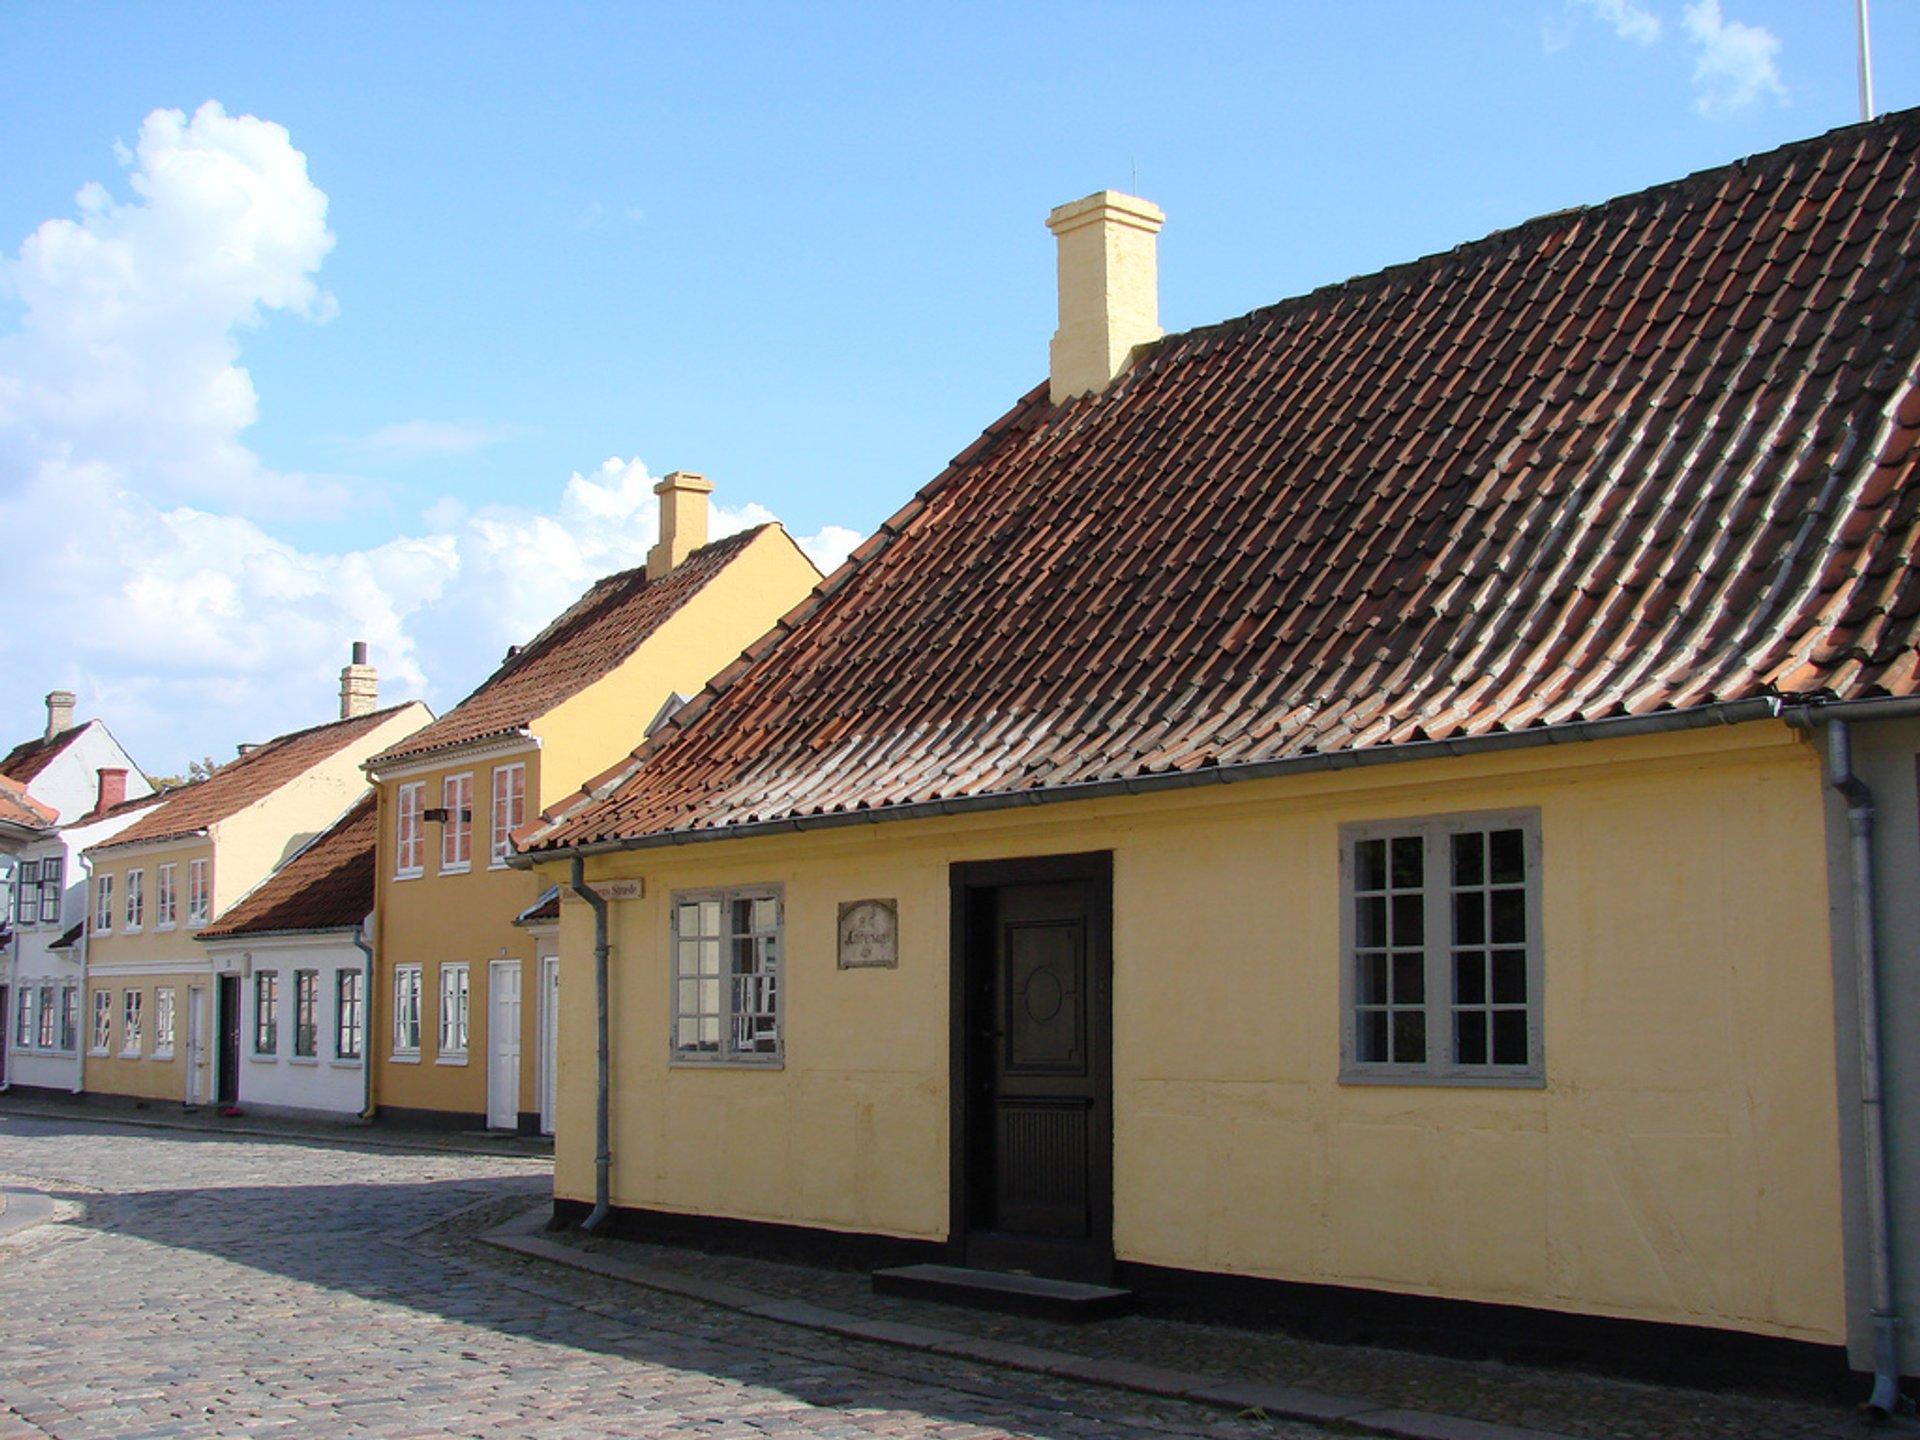 Hans Christian Andersen's Birthday and Festival in Denmark 2019 - Best Time